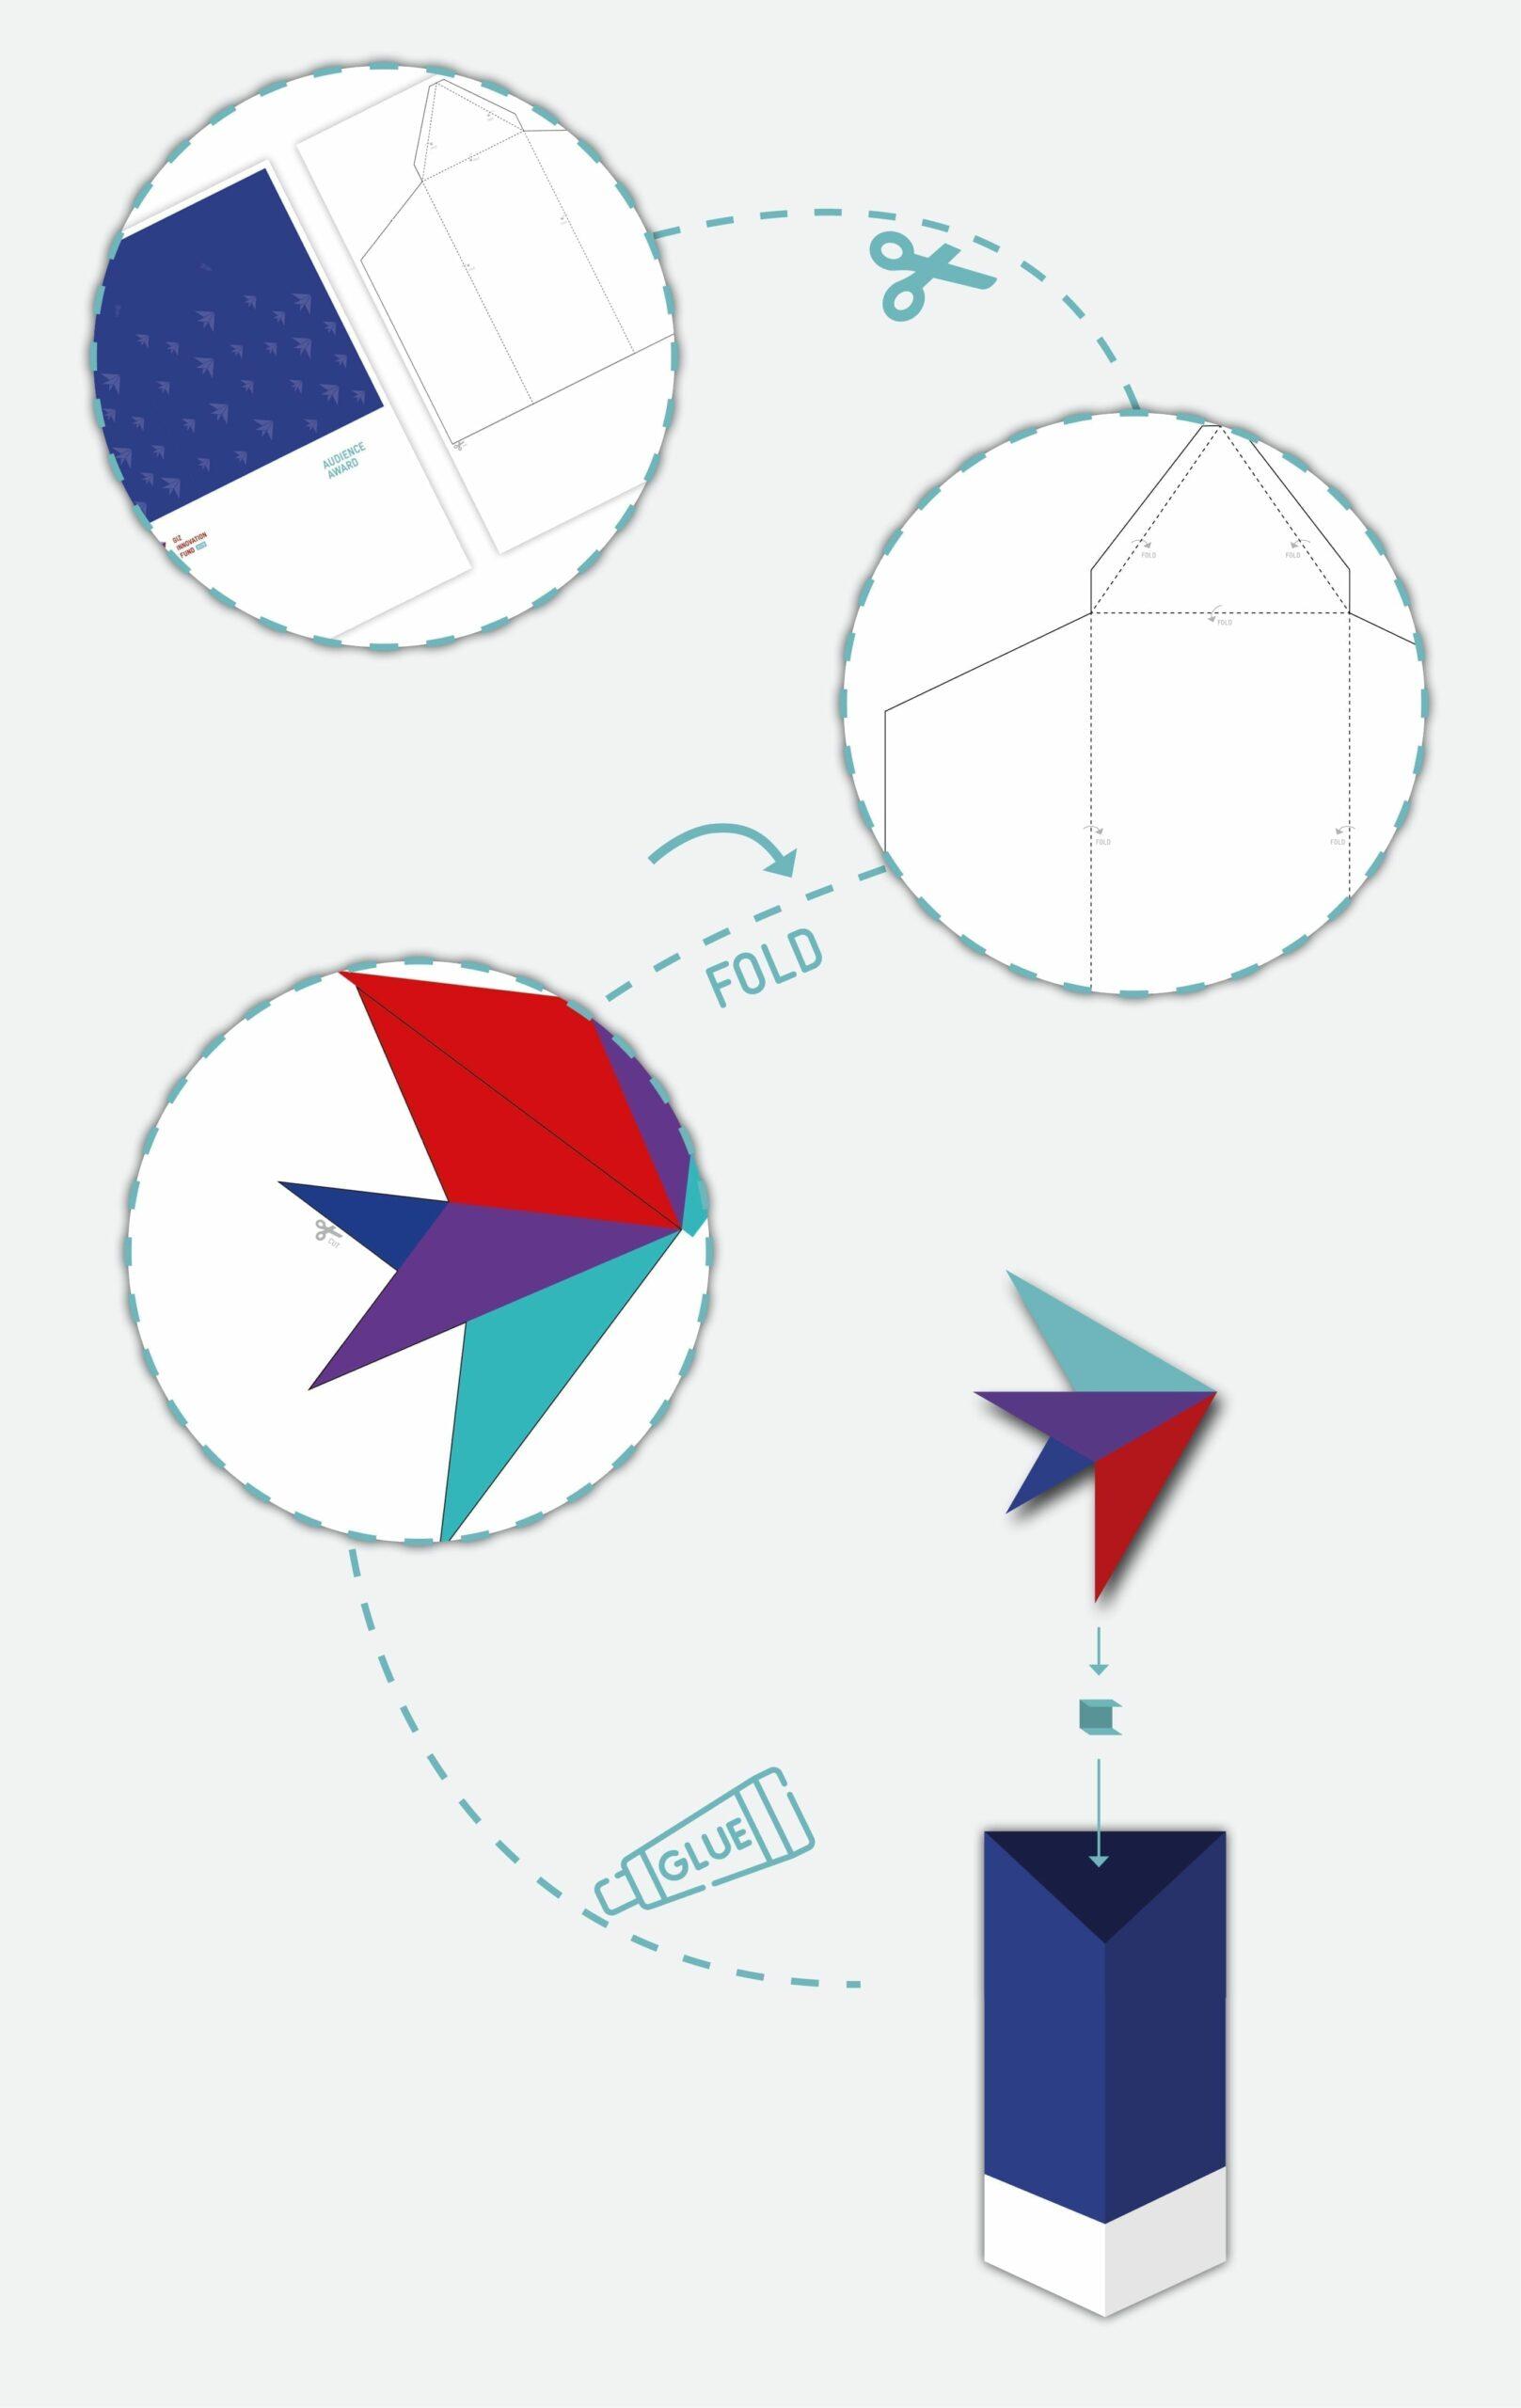 GIZ // Begleitung des Innovation Fund 7